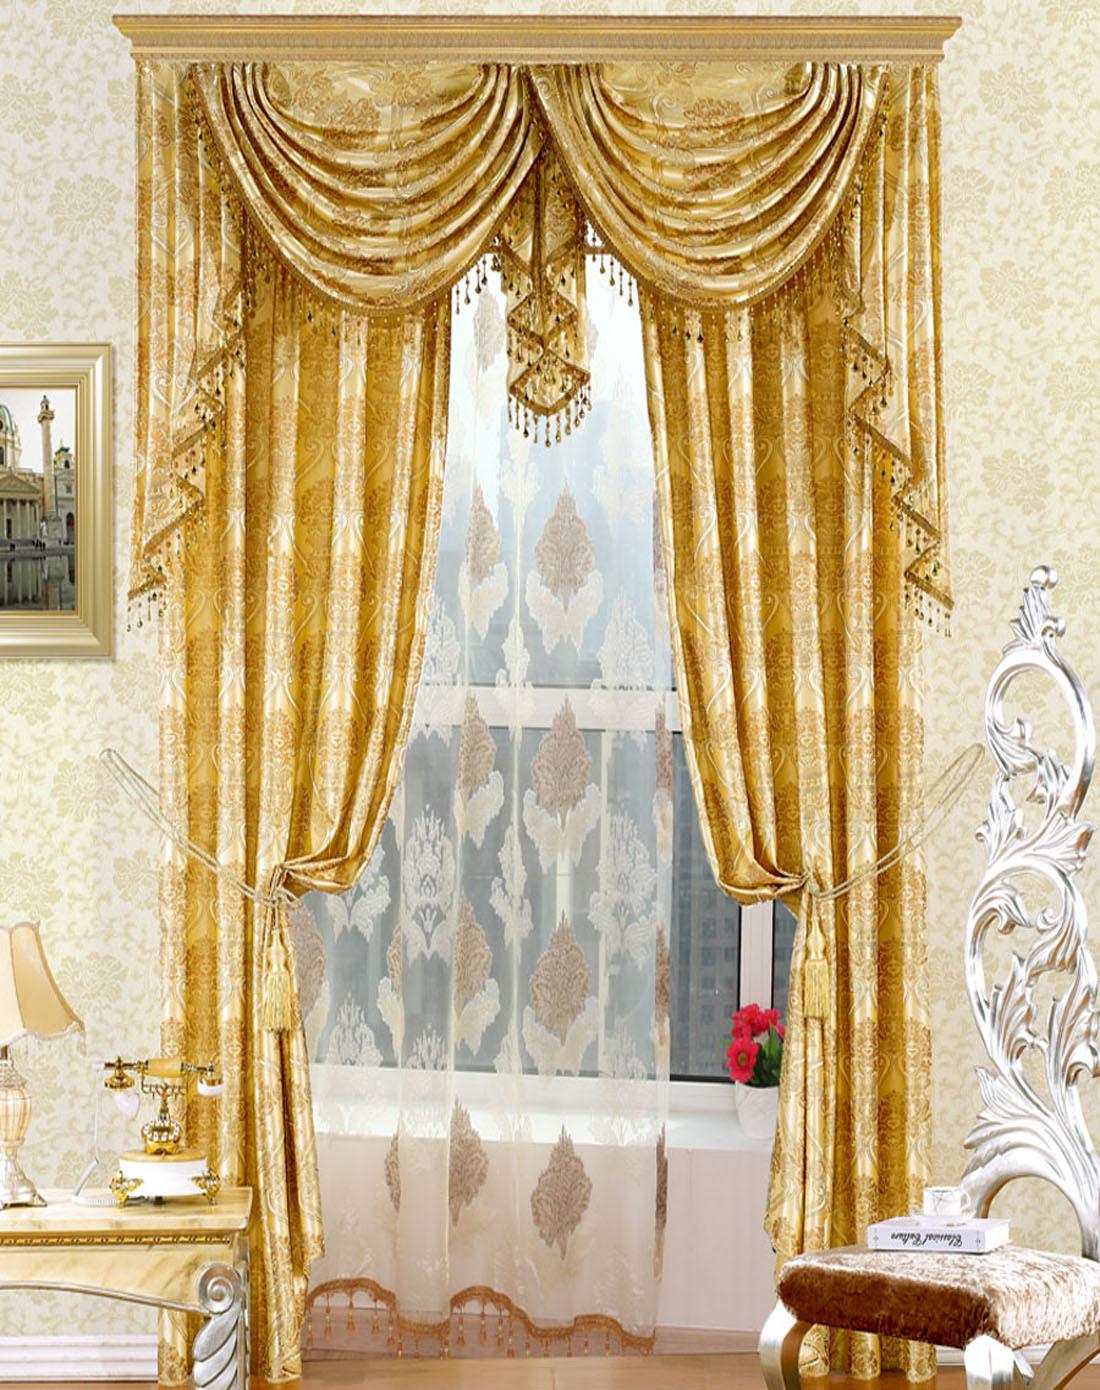 欧式窗帘有哪些特点?怎样的搭配窗帘颜色?